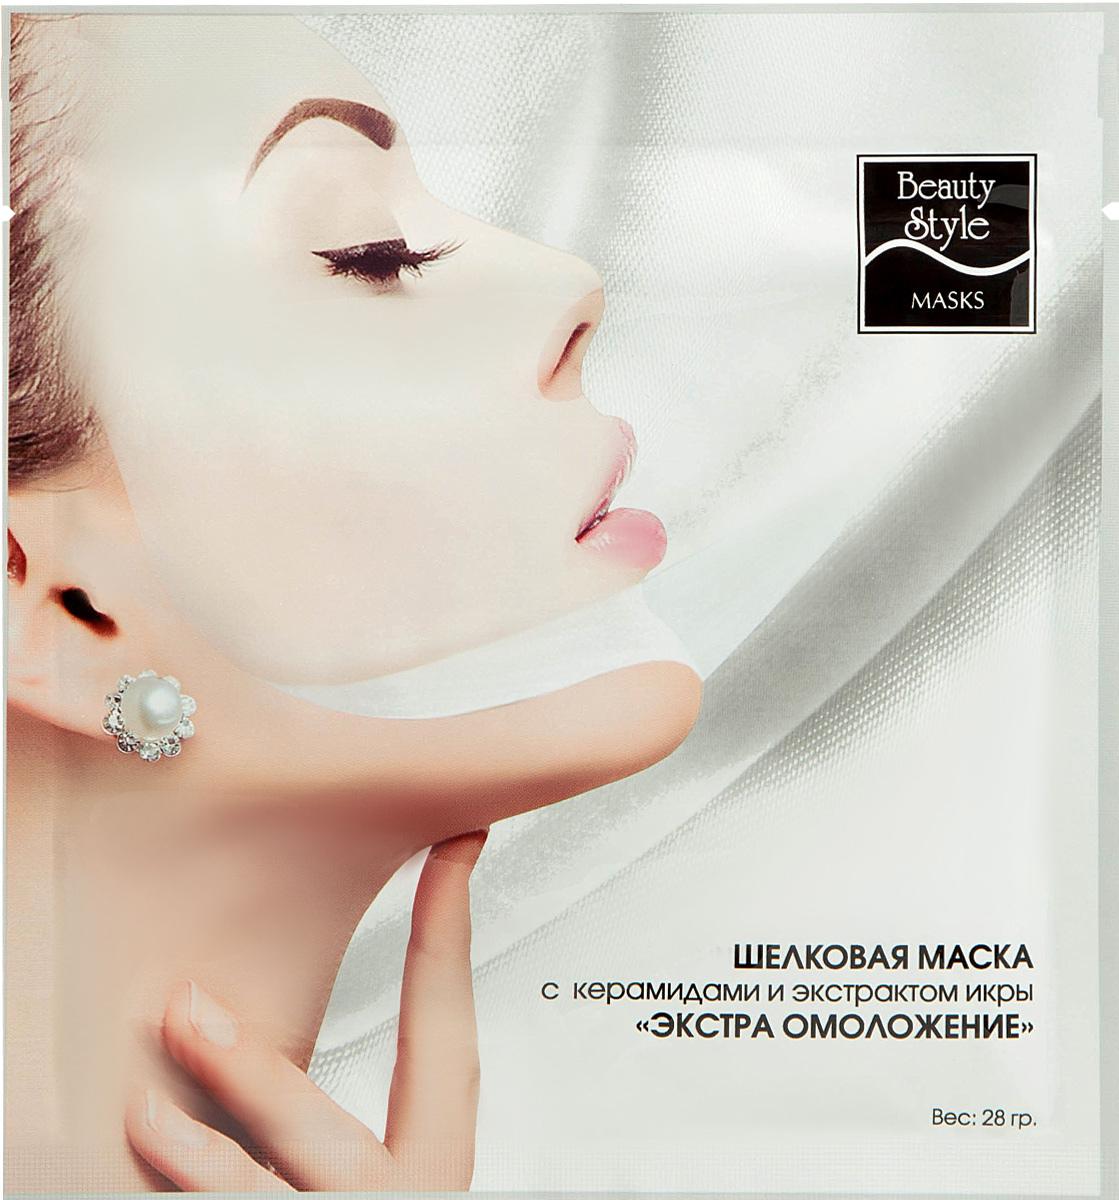 Beauty Style Набор шелковых масок Экстра омоложение с керамидами и экстрактом икры, 10 шт.10х28г4515815Омолаживающая маска, выполненная из переплетения тончайших шелковых нитей, глубоко увлажняет и питает кожу, интенсивно восстанавливает и улучшает клеточный иммунитет. Уже после первого применения морщины разглаживаются, а кожа становится упругой и подтянутой. Идеально подходит в качестве маски на выход.